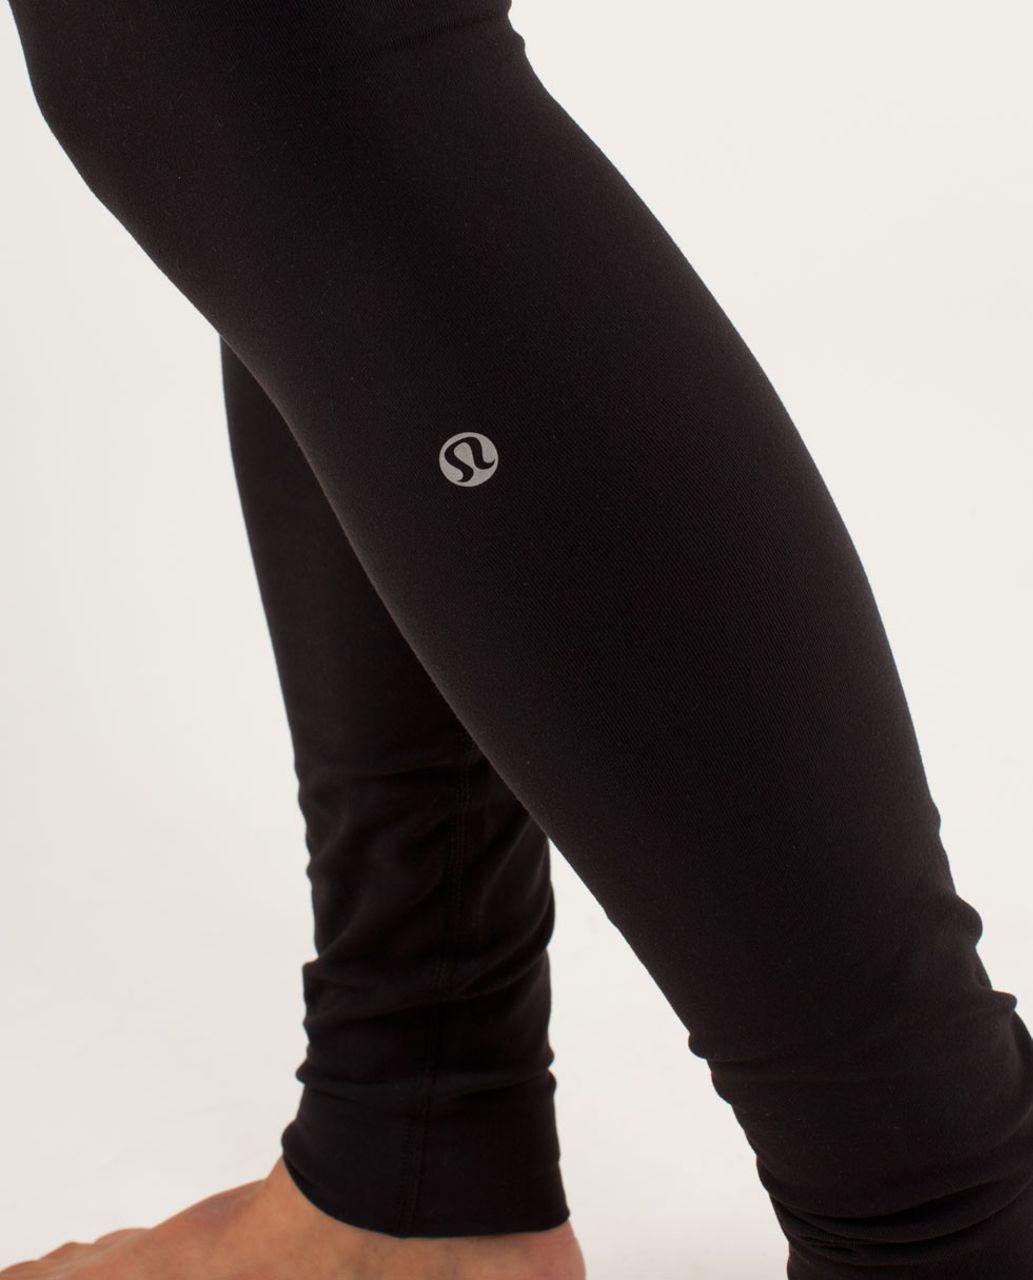 Lululemon Wunder Under Pant - Black / Quilting Winter 9